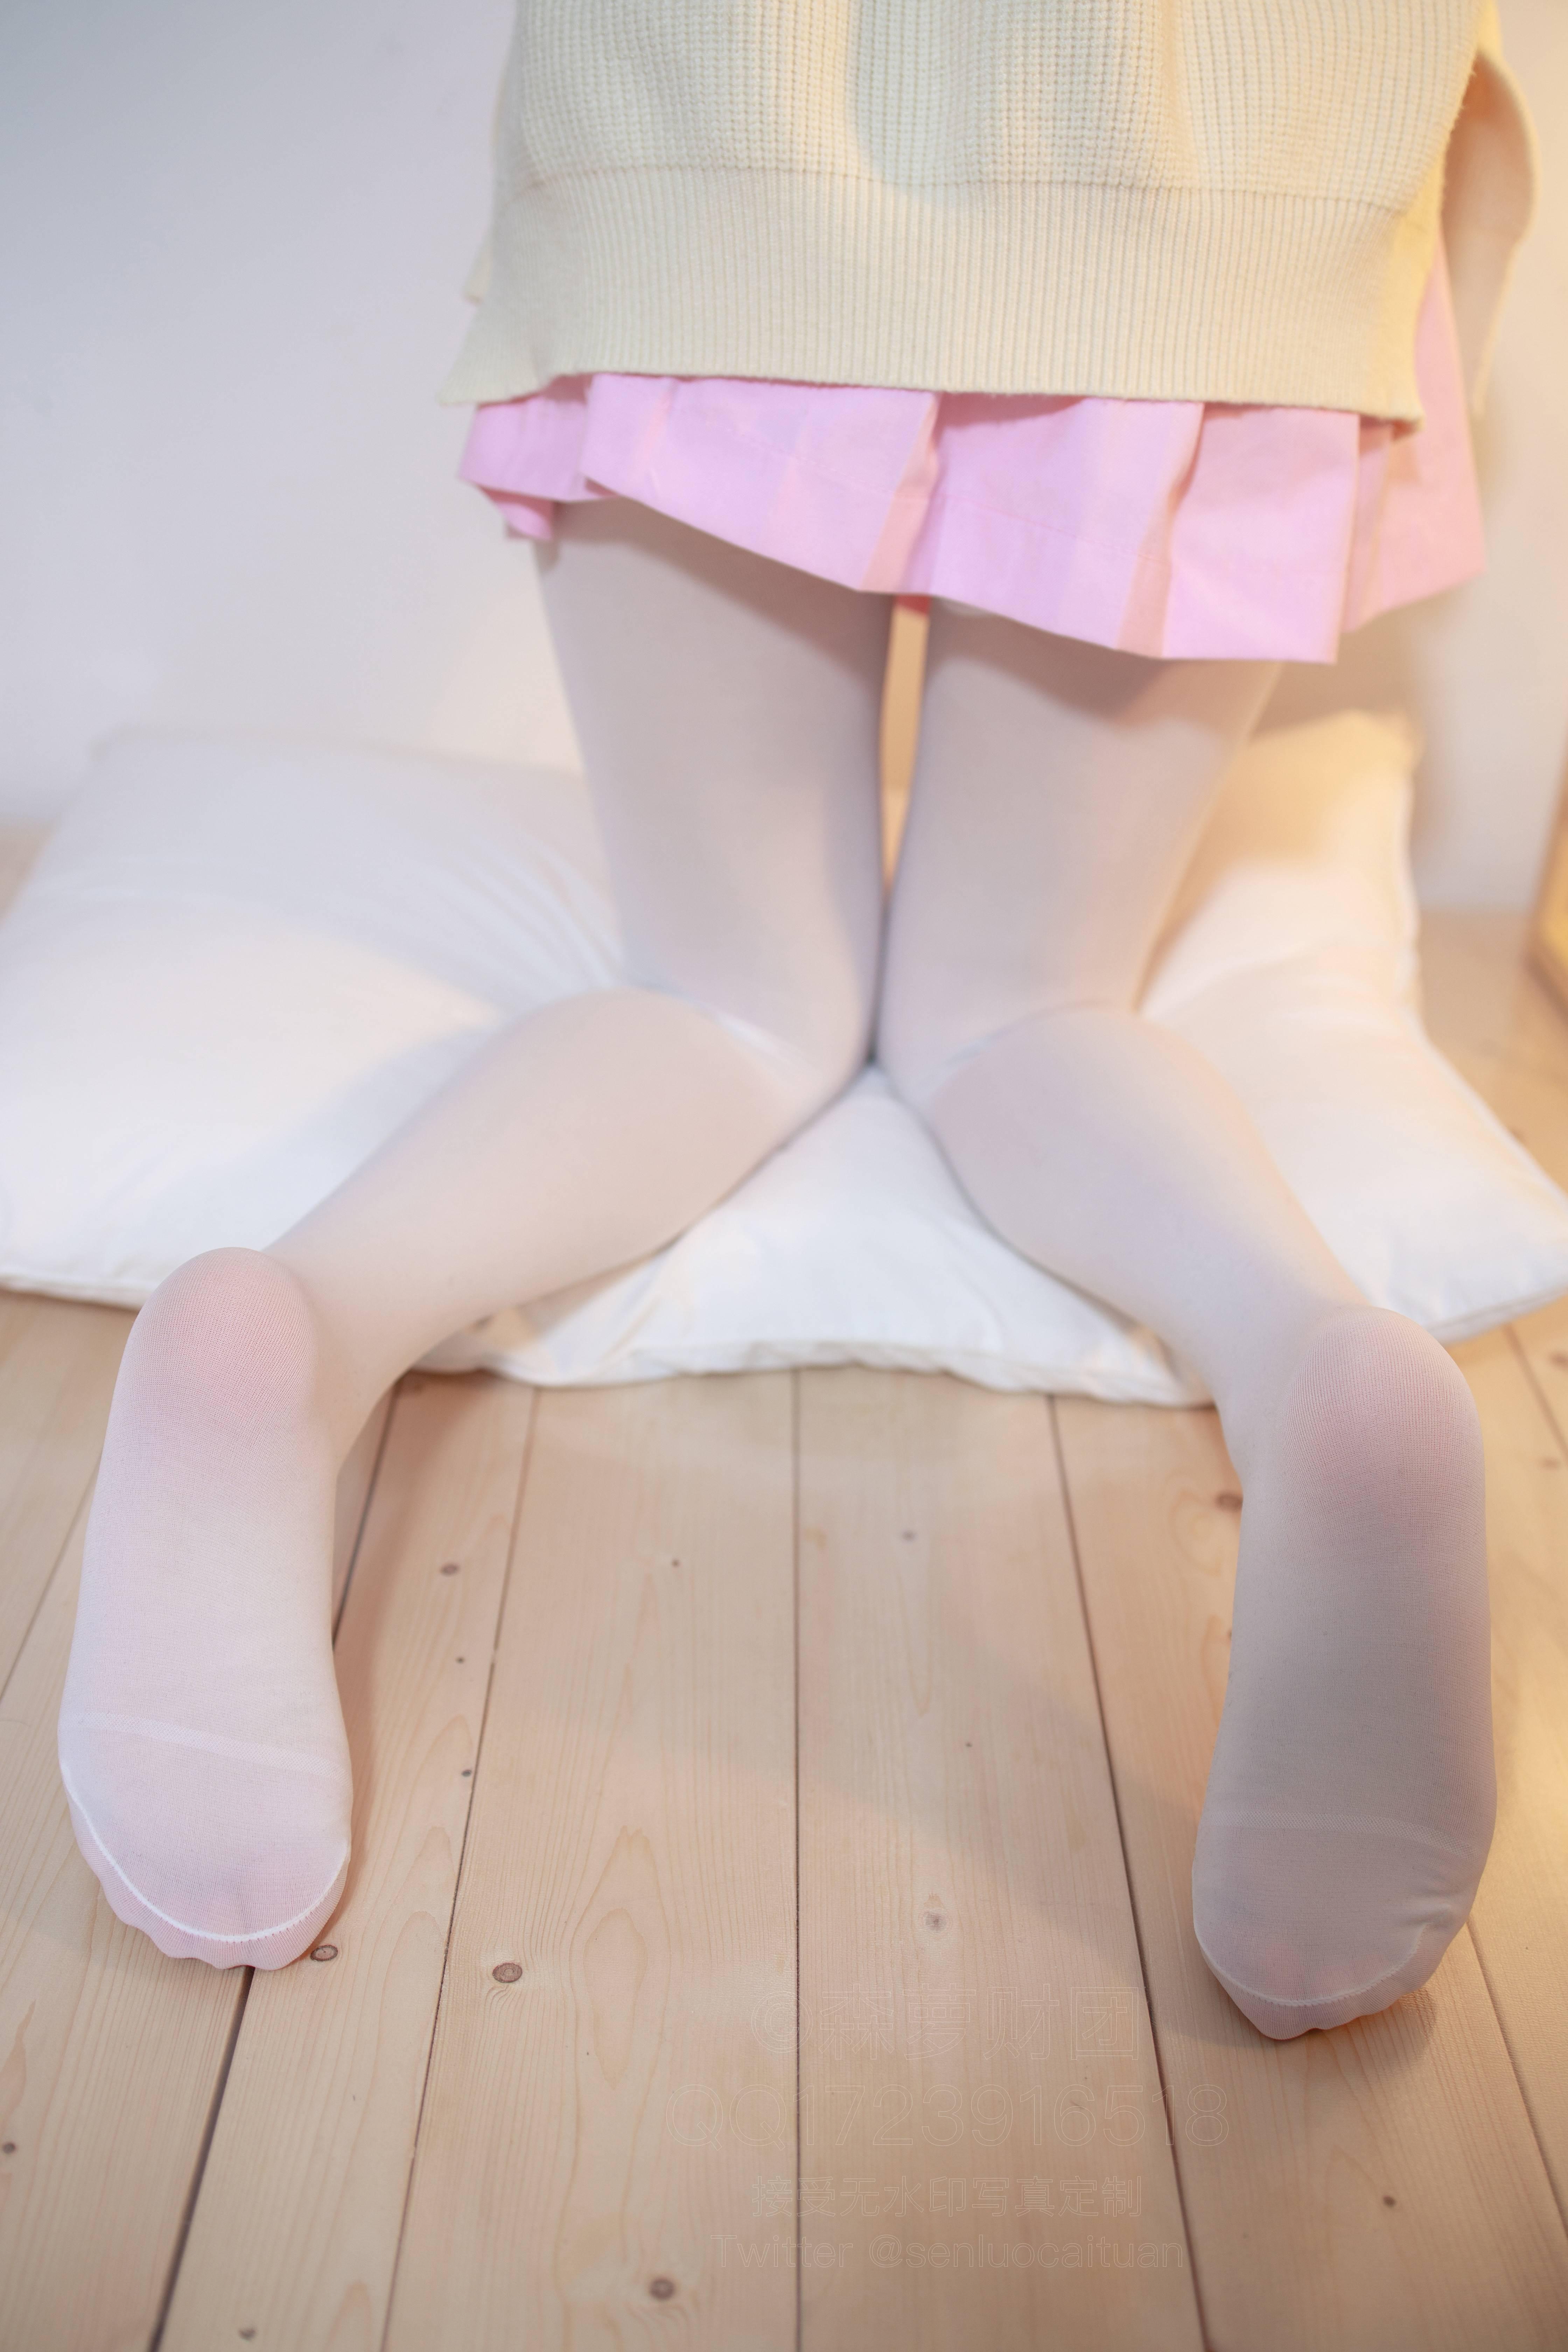 森萝财团 X-059(粉红短裙加白丝) 无水印-蜜桃畅享